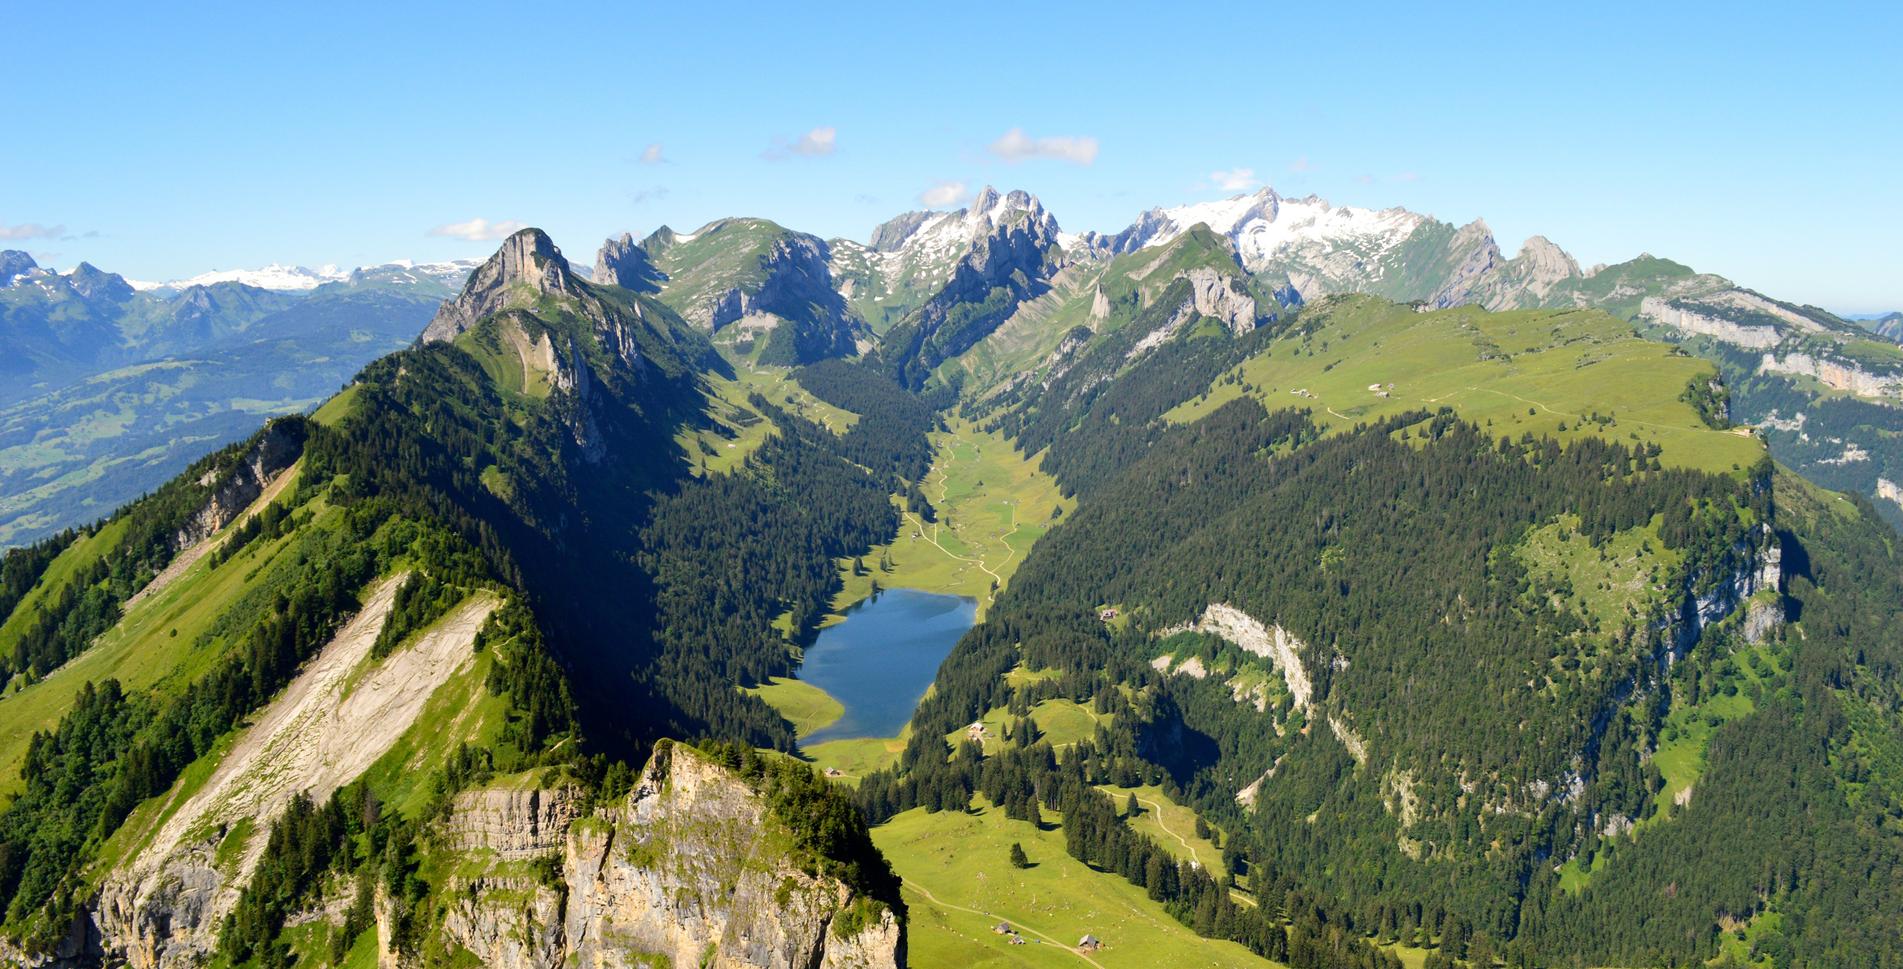 Wanderung von Brülisau auf den Appenzeller Aussichtsberg Hoher Kasten via Brand, Rossberg, Berggasthaus Ruhesitz, Kastensattel und mit Abstieg via Rohrsattel, Hasenplatte zurück nach Brülisau